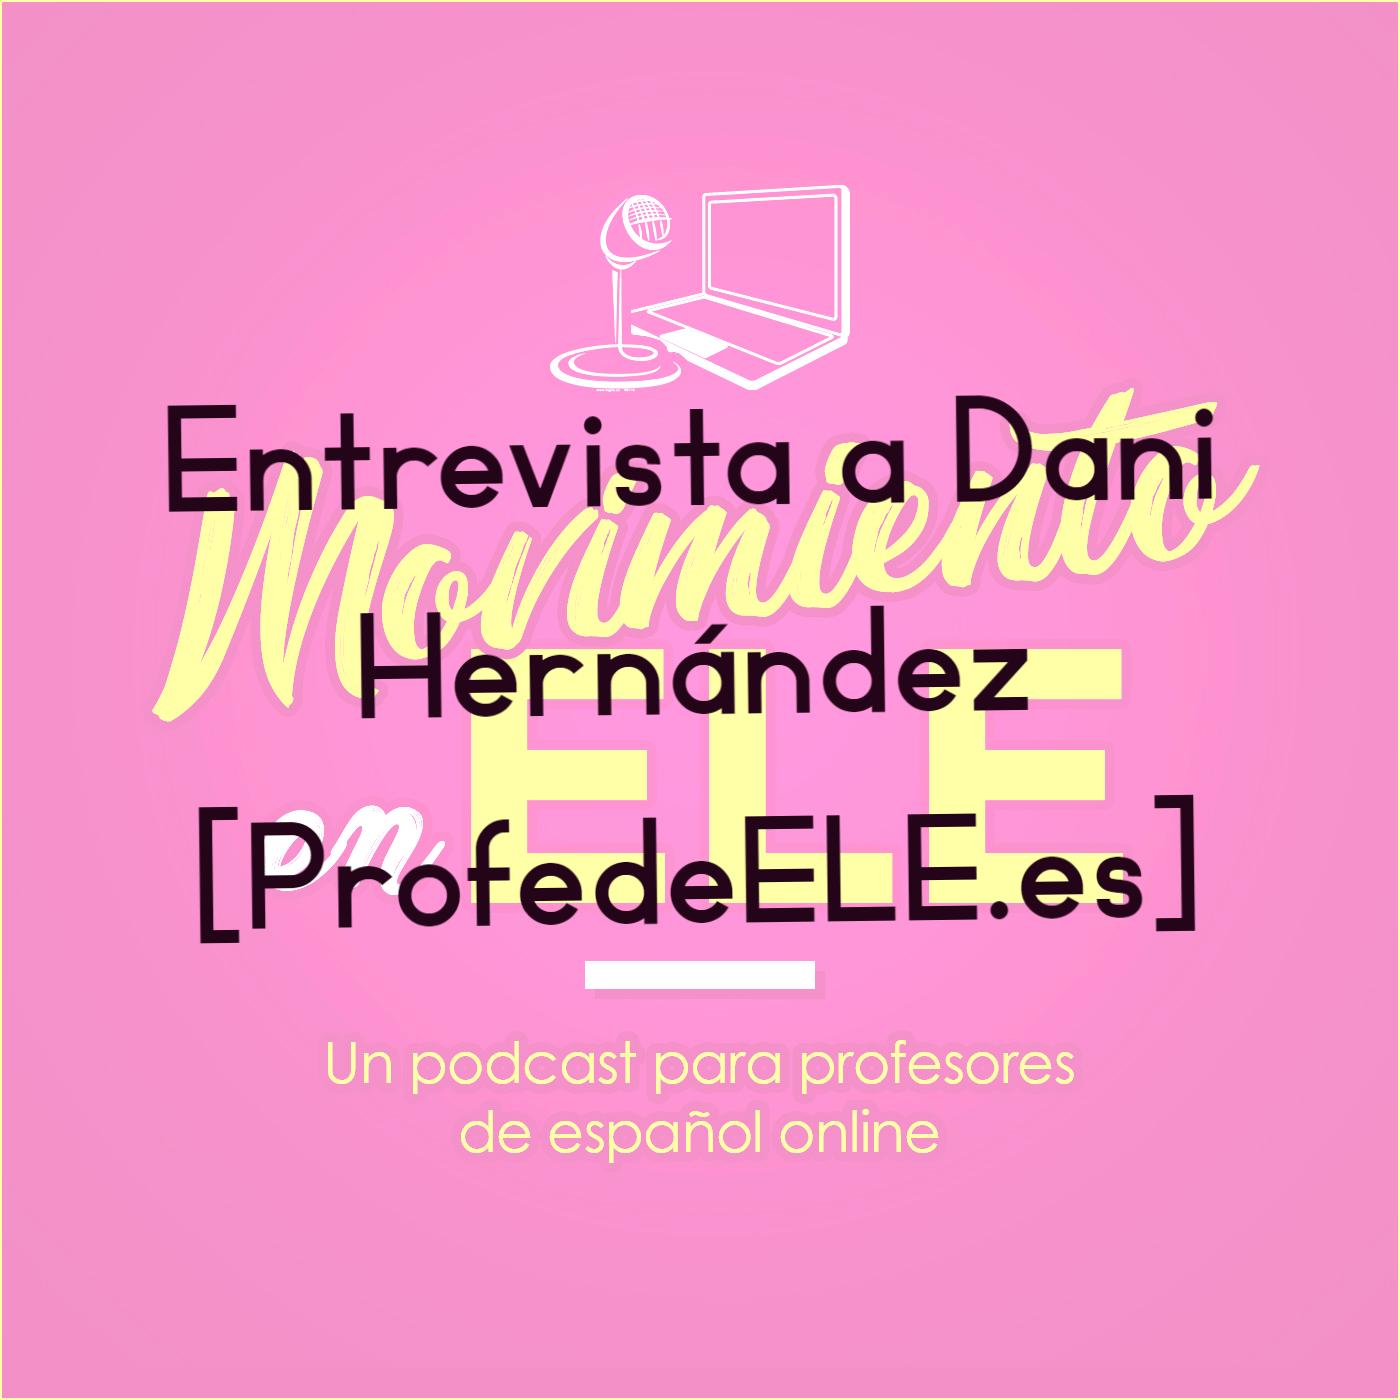 Crea una comunidad compartiendo material didáctico – Entrevista a Dani Hernández de ProfedeELE